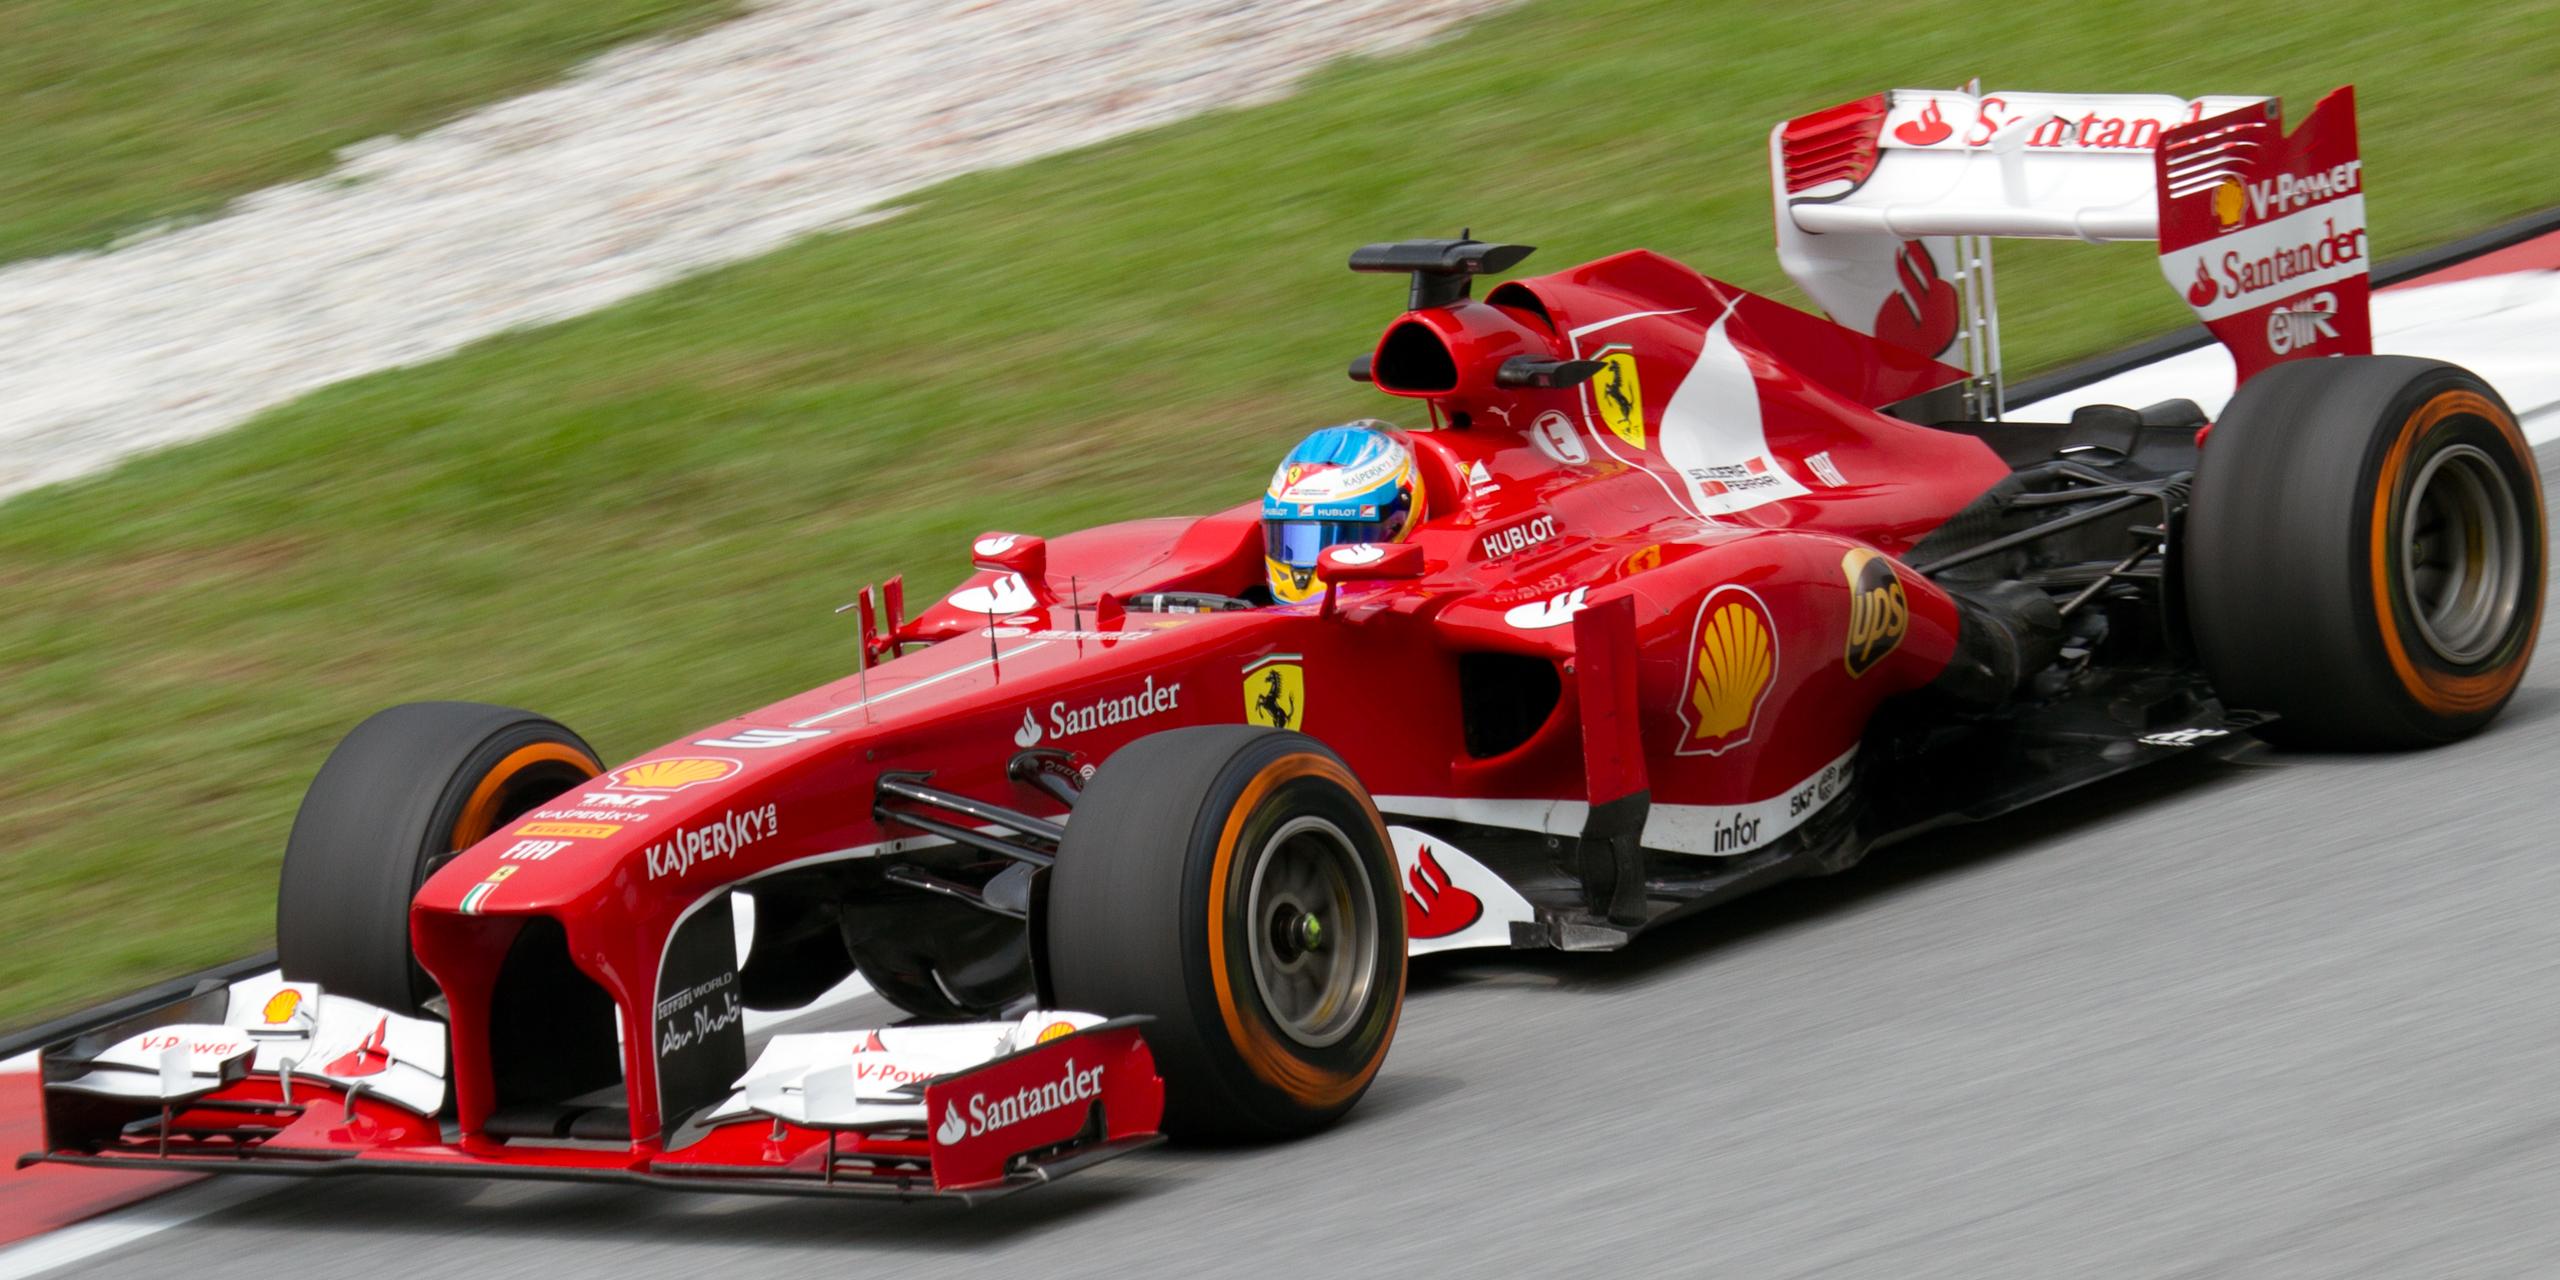 Ferrari-epoken ble nesten kronet med VM-titler i 2010 og 2012, her fra den langt vanskeligere 2013-sesongen. Foto: wikipedia